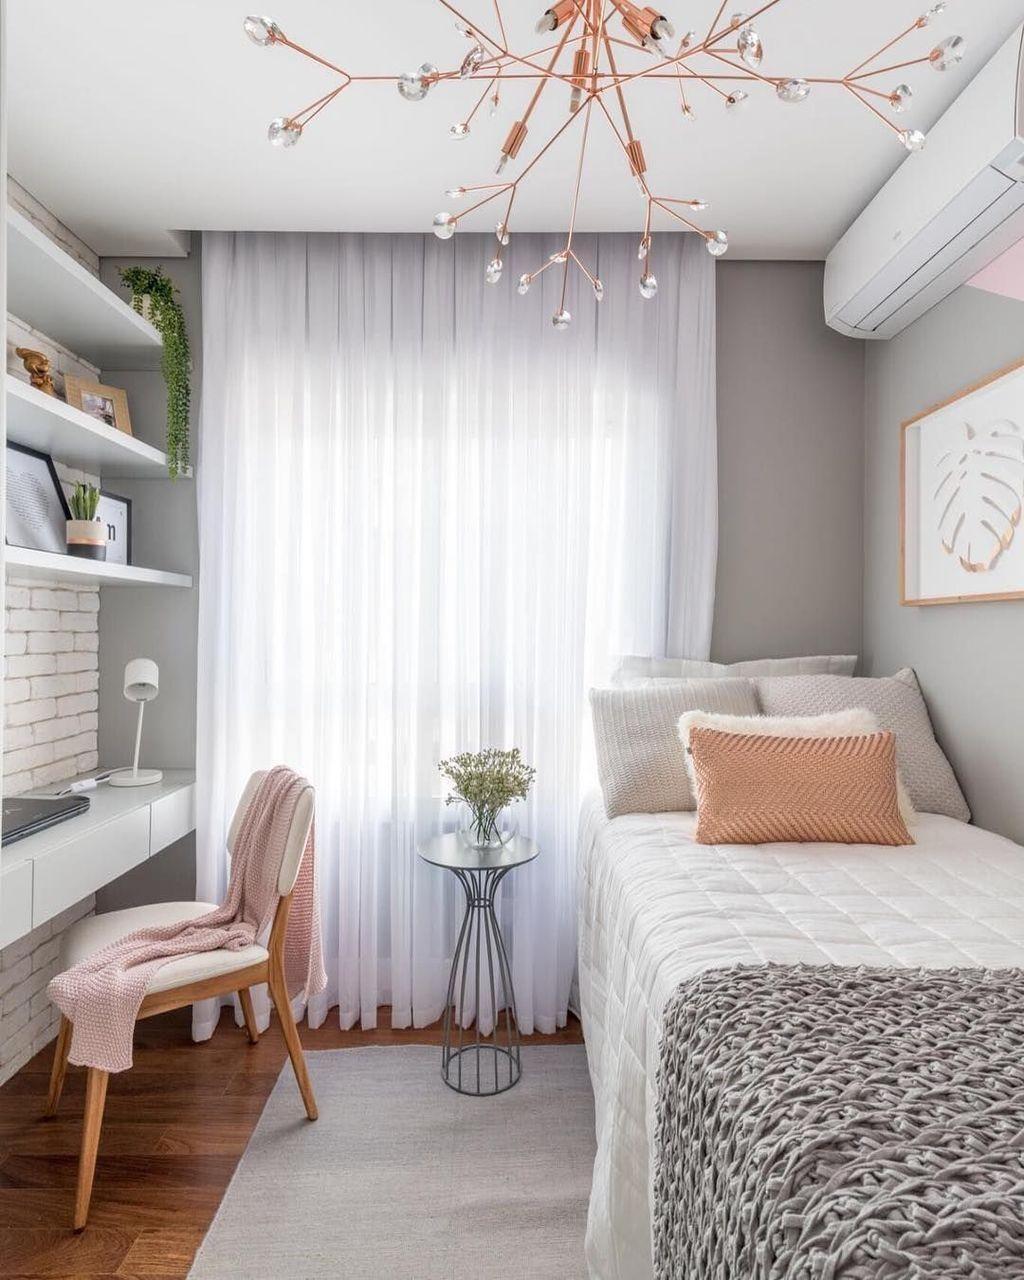 20 Splendid Small Bedroom Ideas For Teens Bedroom Decor Small